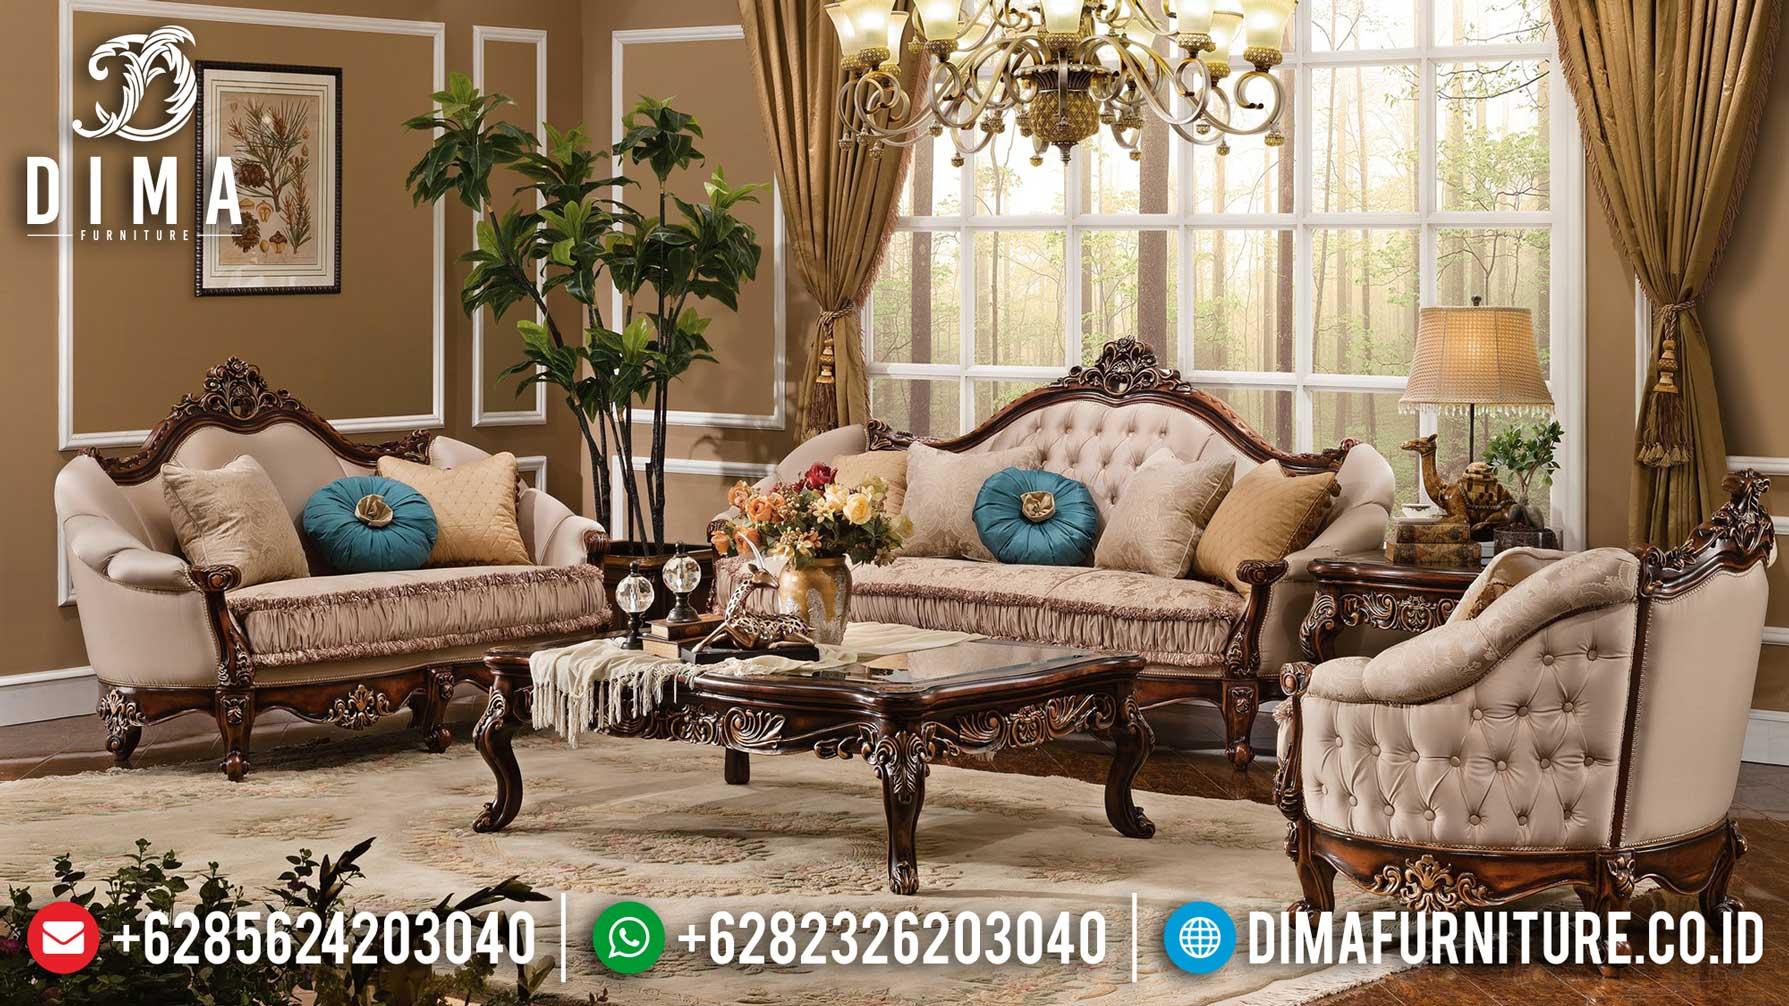 Sofa Tamu Mewah Jati Natural Dark Brown Luxury Carving Furniture Jepara TTJ-1265